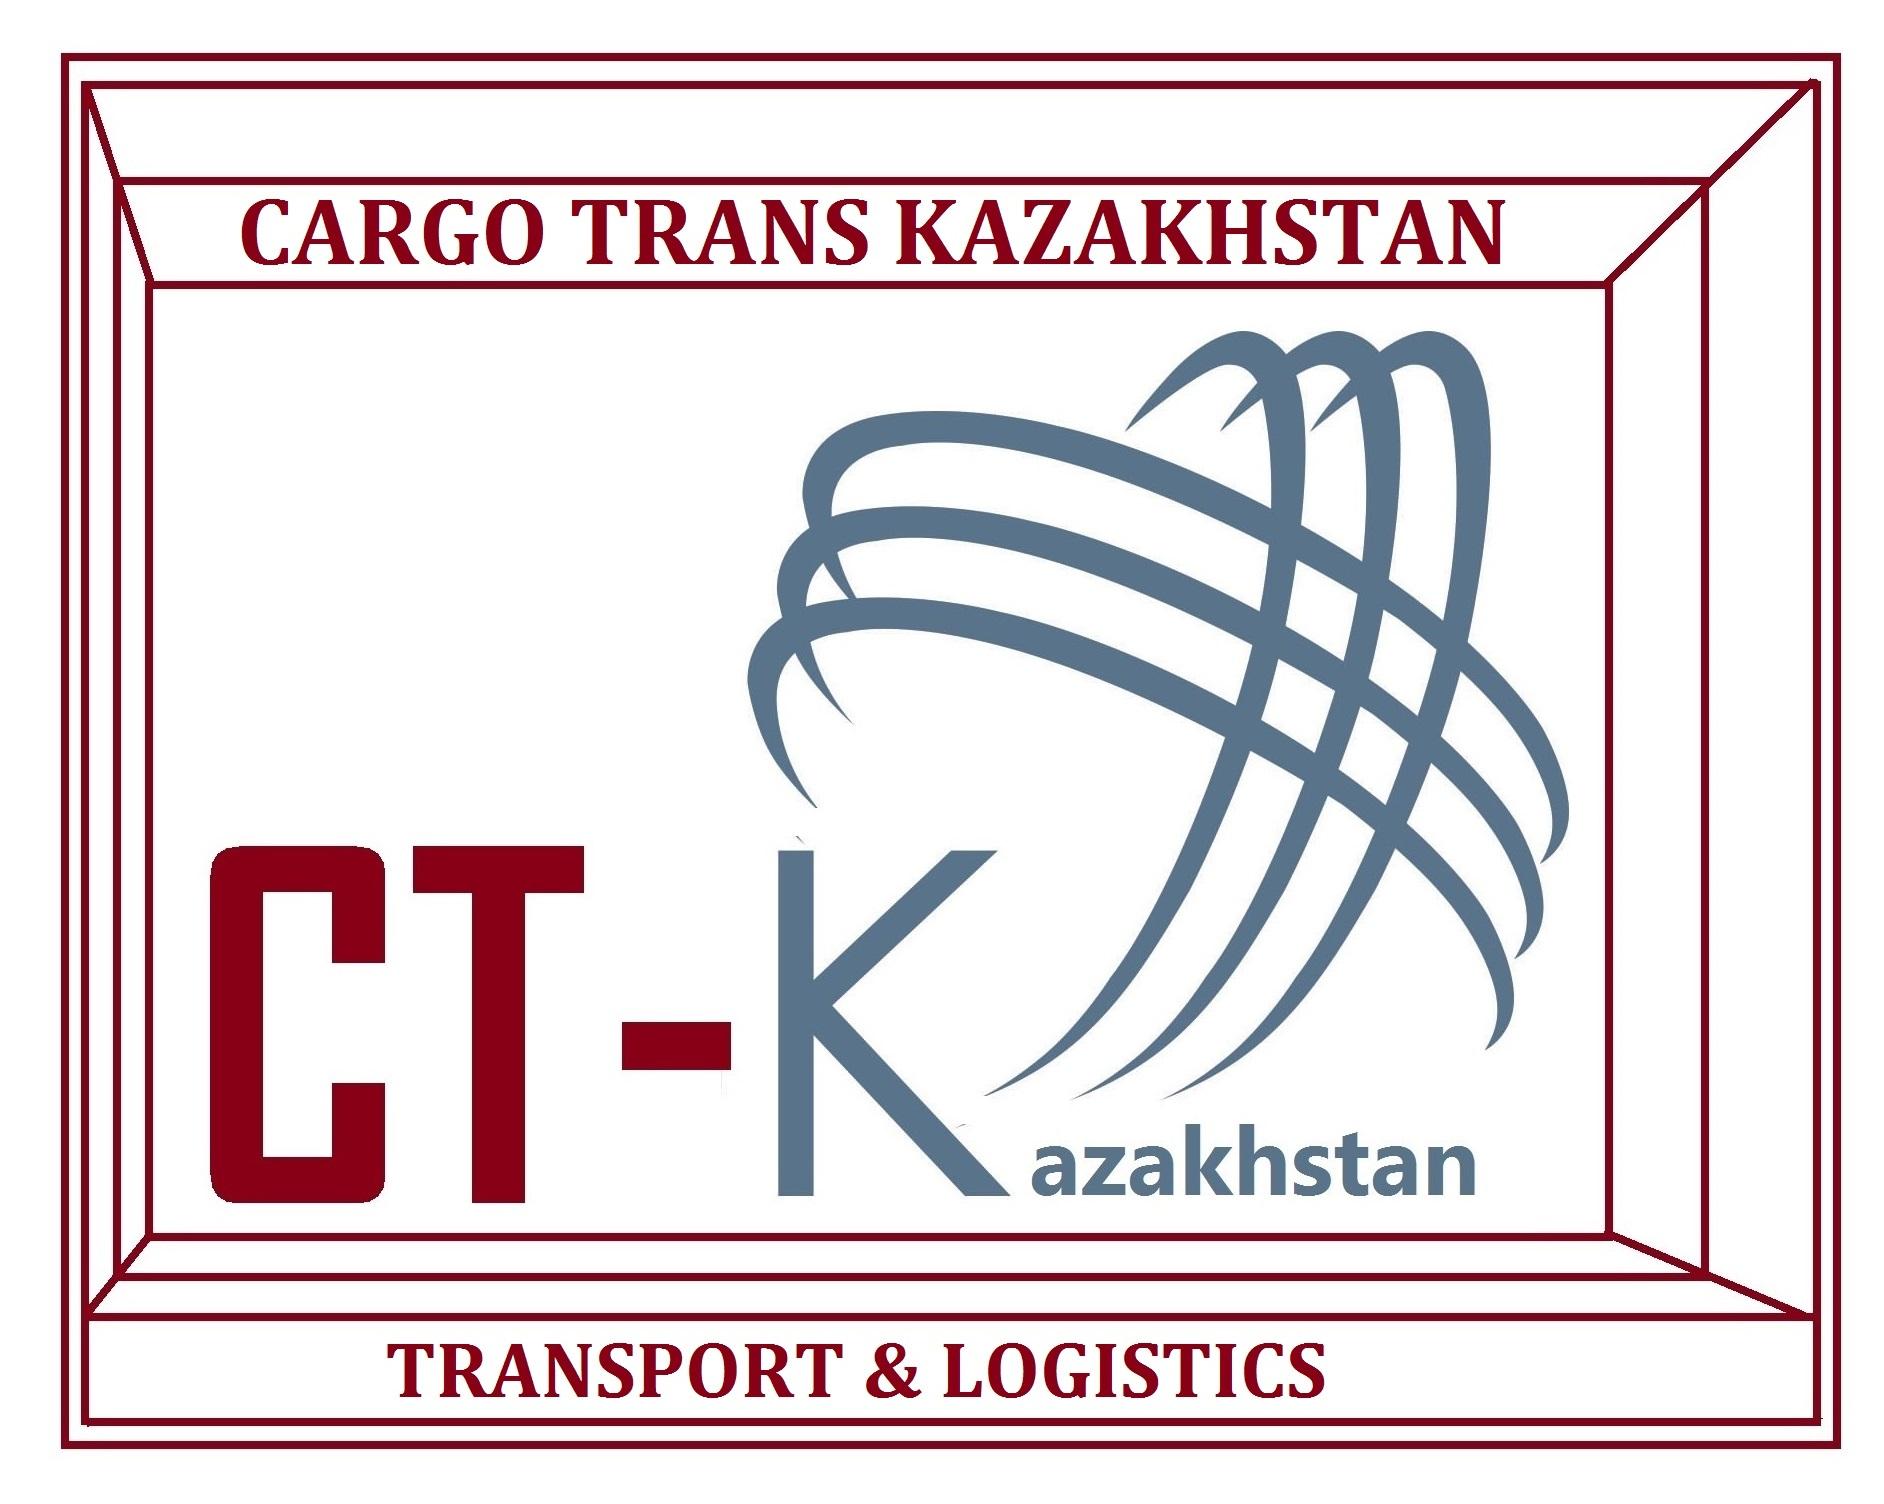 Cargo Trans Kazakhstan